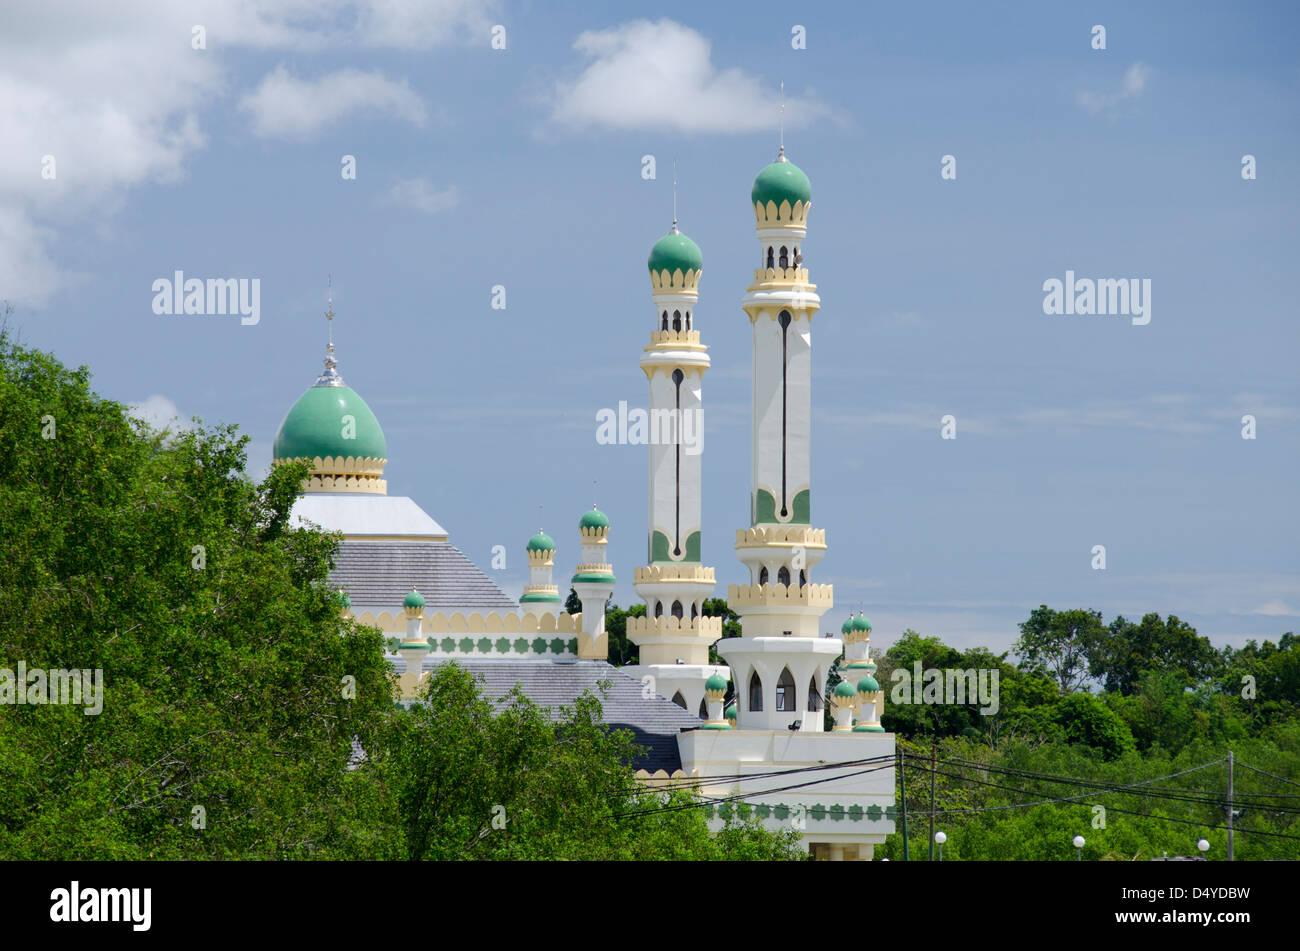 Asia, Borneo Brunei Darussalam Bandar Seri Begawan. Acqua moschea del villaggio. Immagini Stock